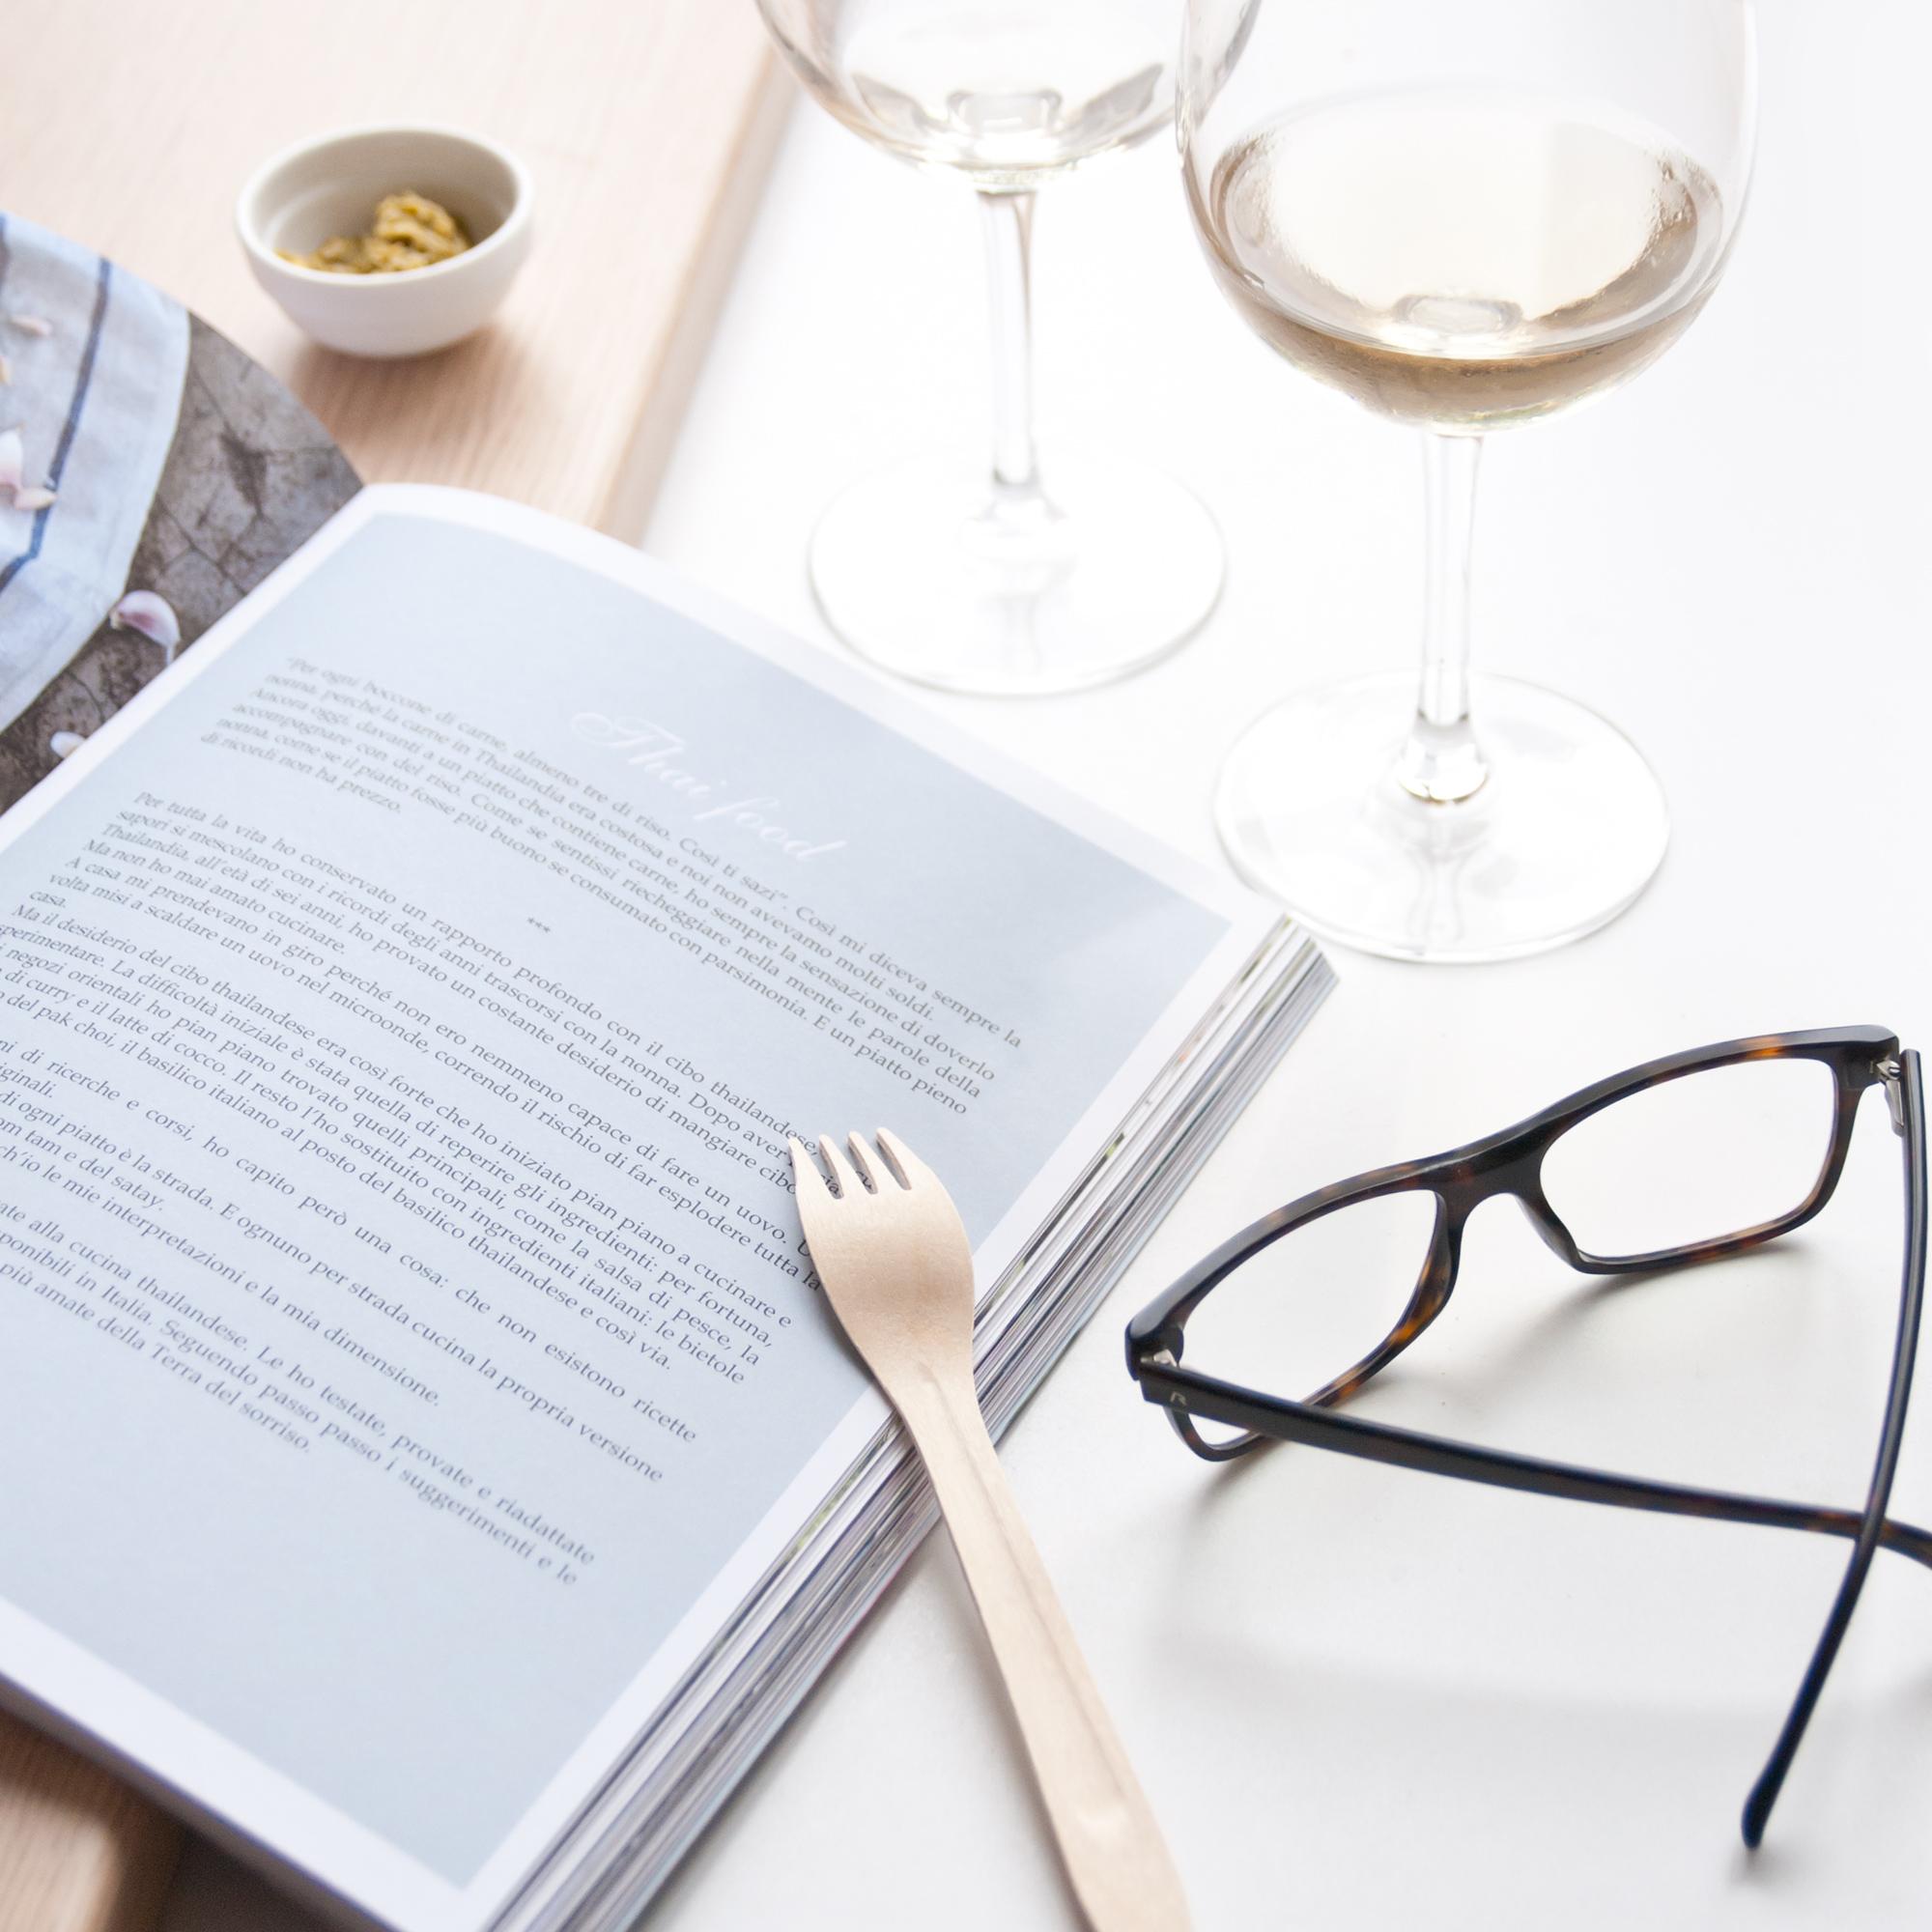 La Storia Della Cucina regali foodie: 12 libri di cucina sotto l'albero @lennesimoblog